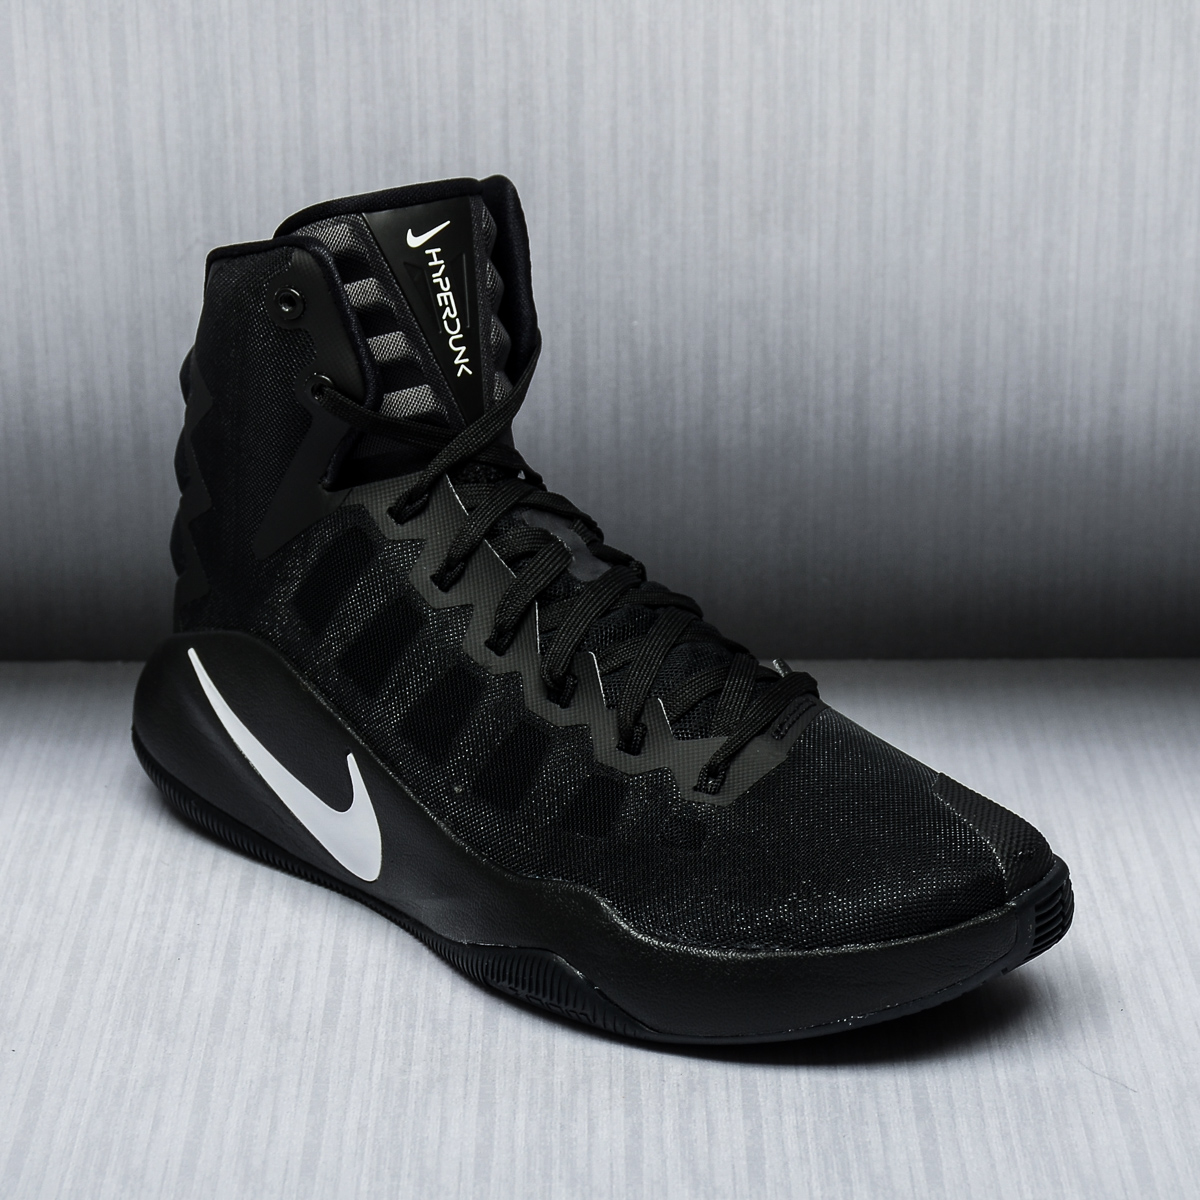 880227462e1 ... Mens Basketball Shoes Nike Hyperdunk 2016 Basketball Shoes ...